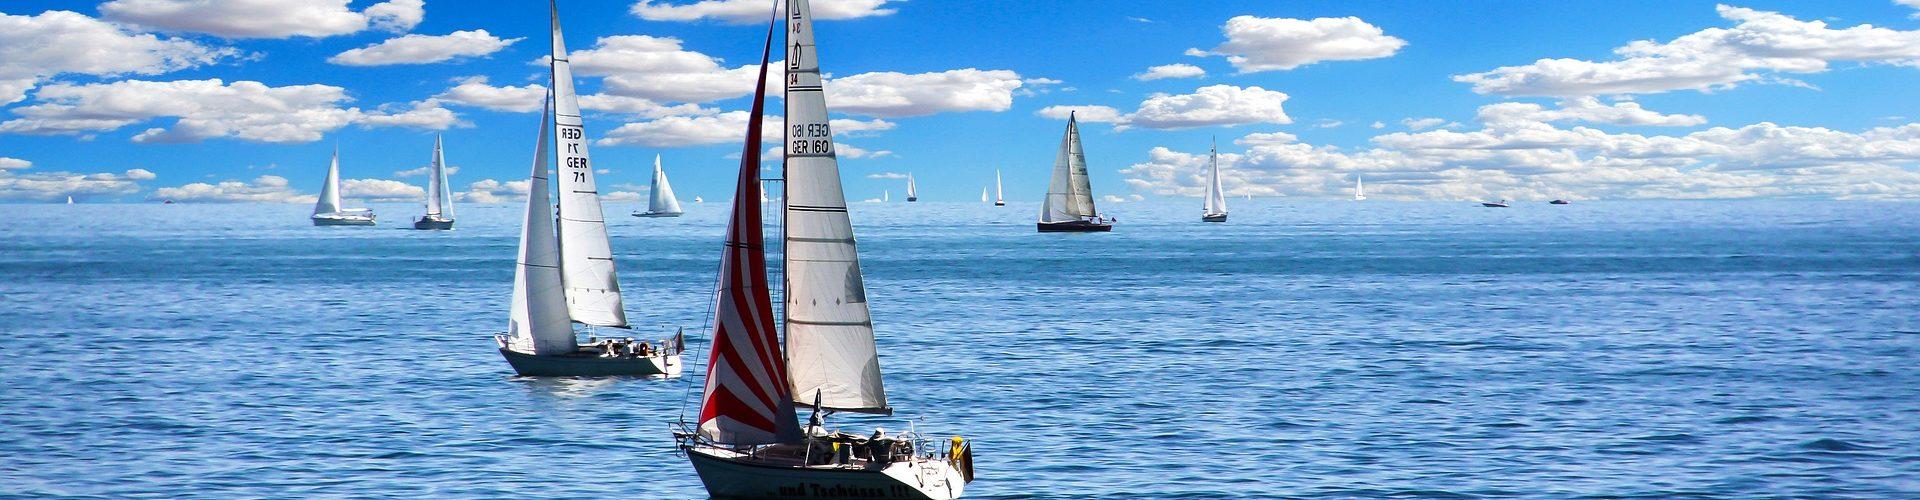 segeln lernen in Laboe segelschein machen in Laboe 1920x500 - Segeln lernen in Laboe